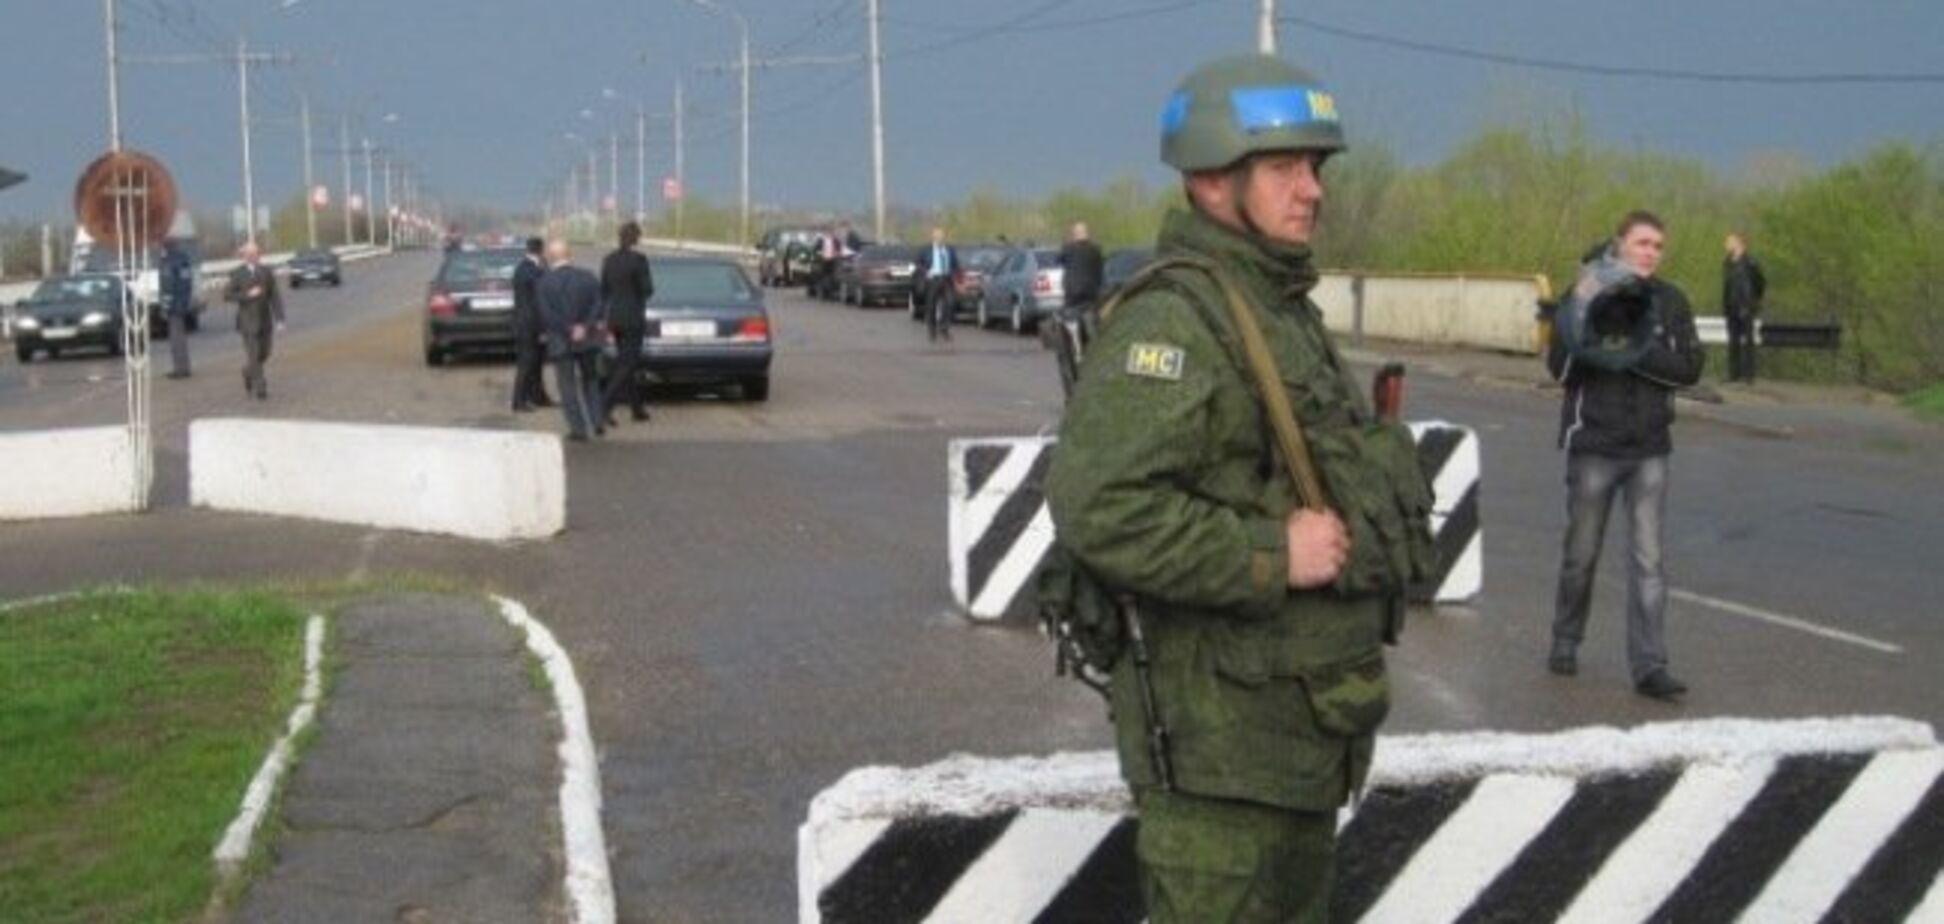 Ветеран війни розкрив прийом Путіна з миротворцями на Донбасі